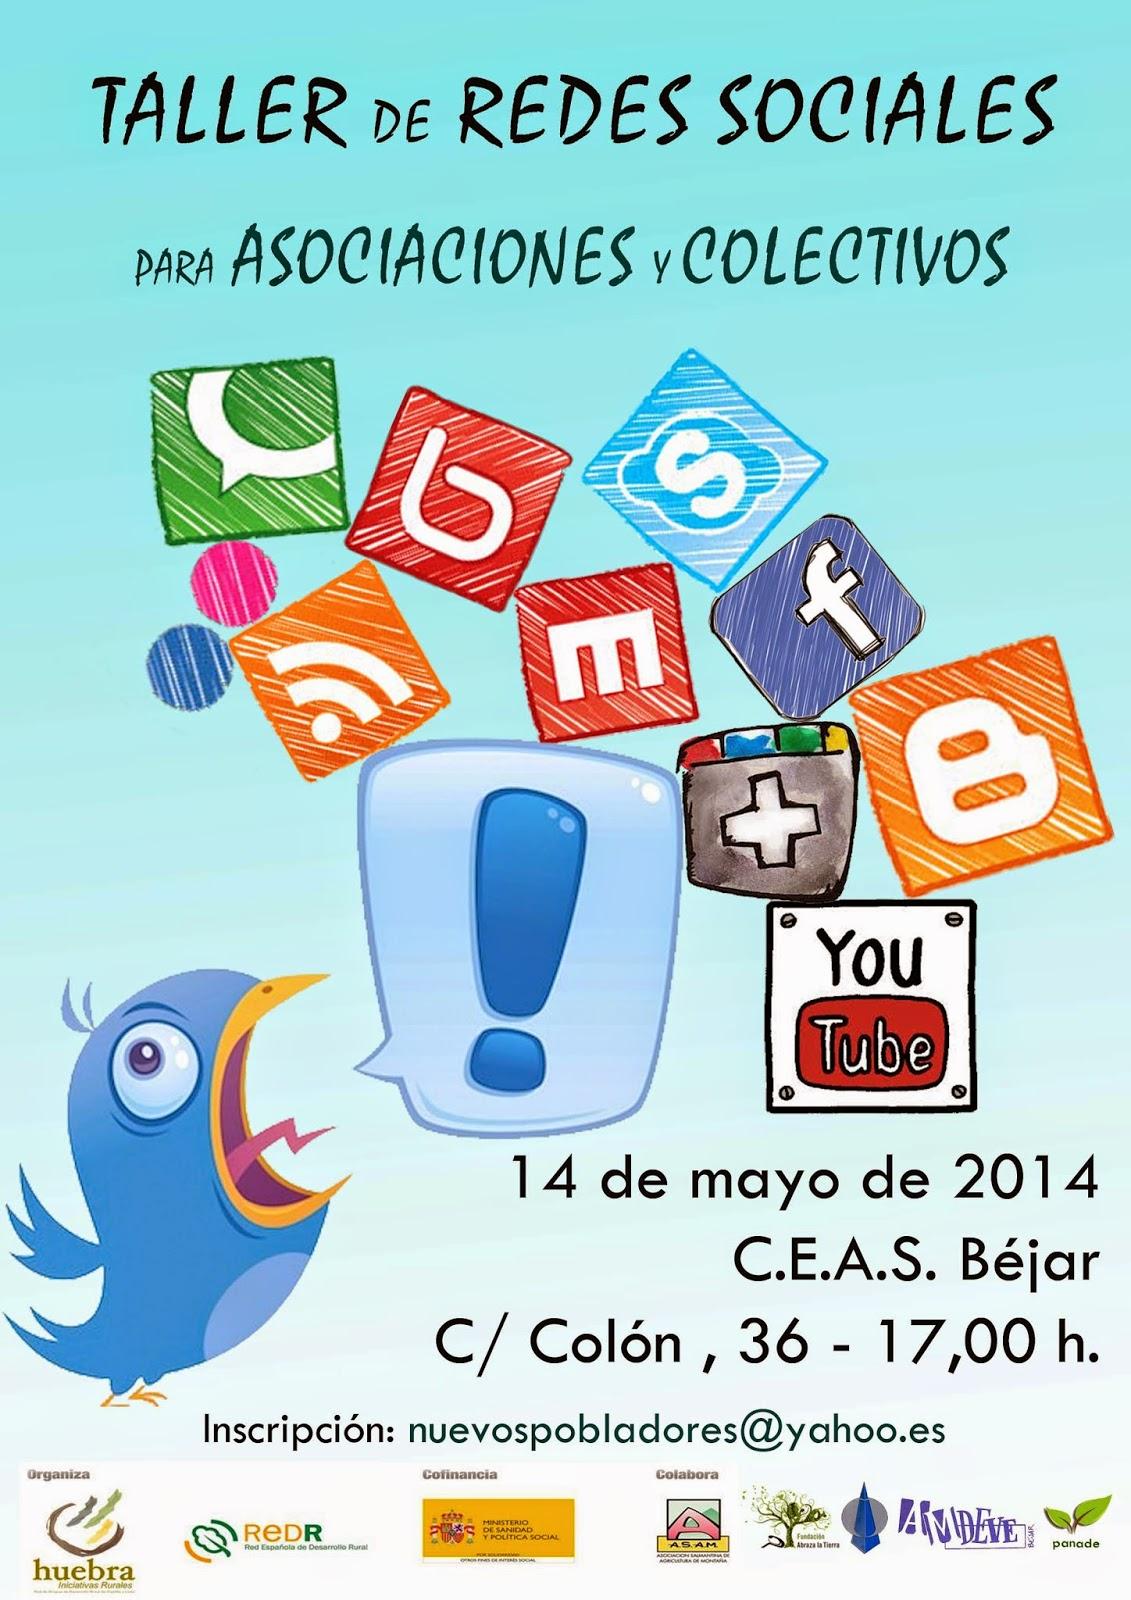 taller redes sociales para asociaciones y colectivos en Béjar